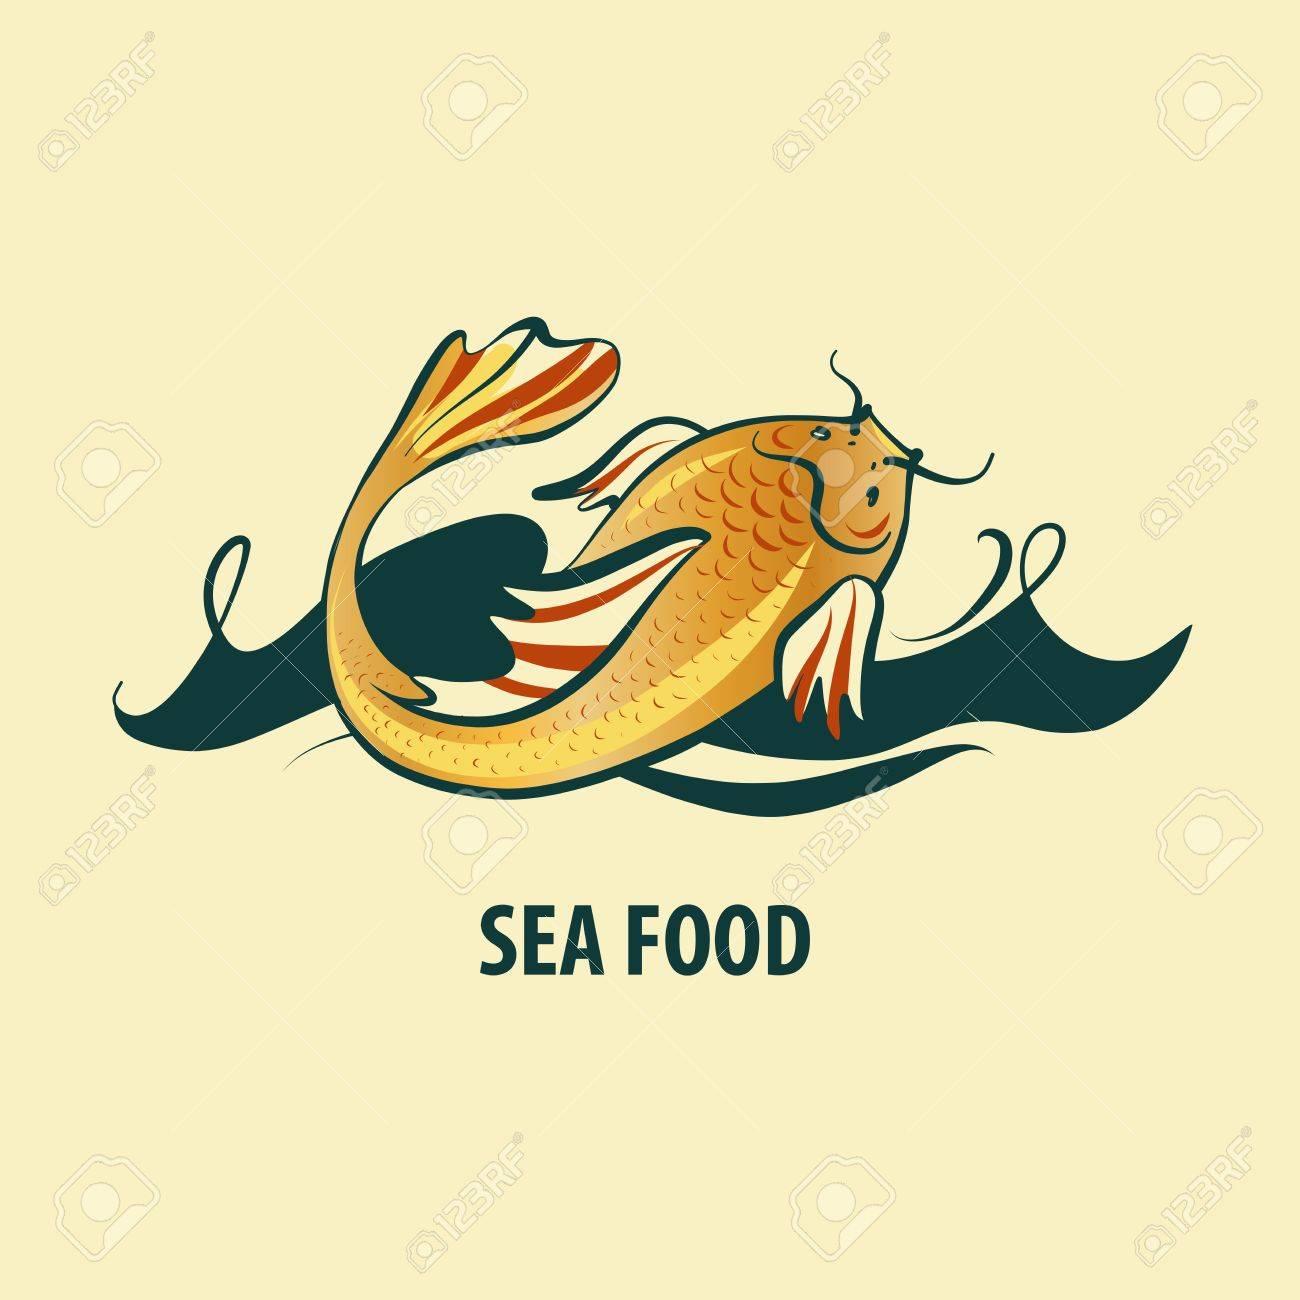 Carpa Koi En Ola De Mar Sobre Fondo Claro. Logotipo De La Plantilla ...